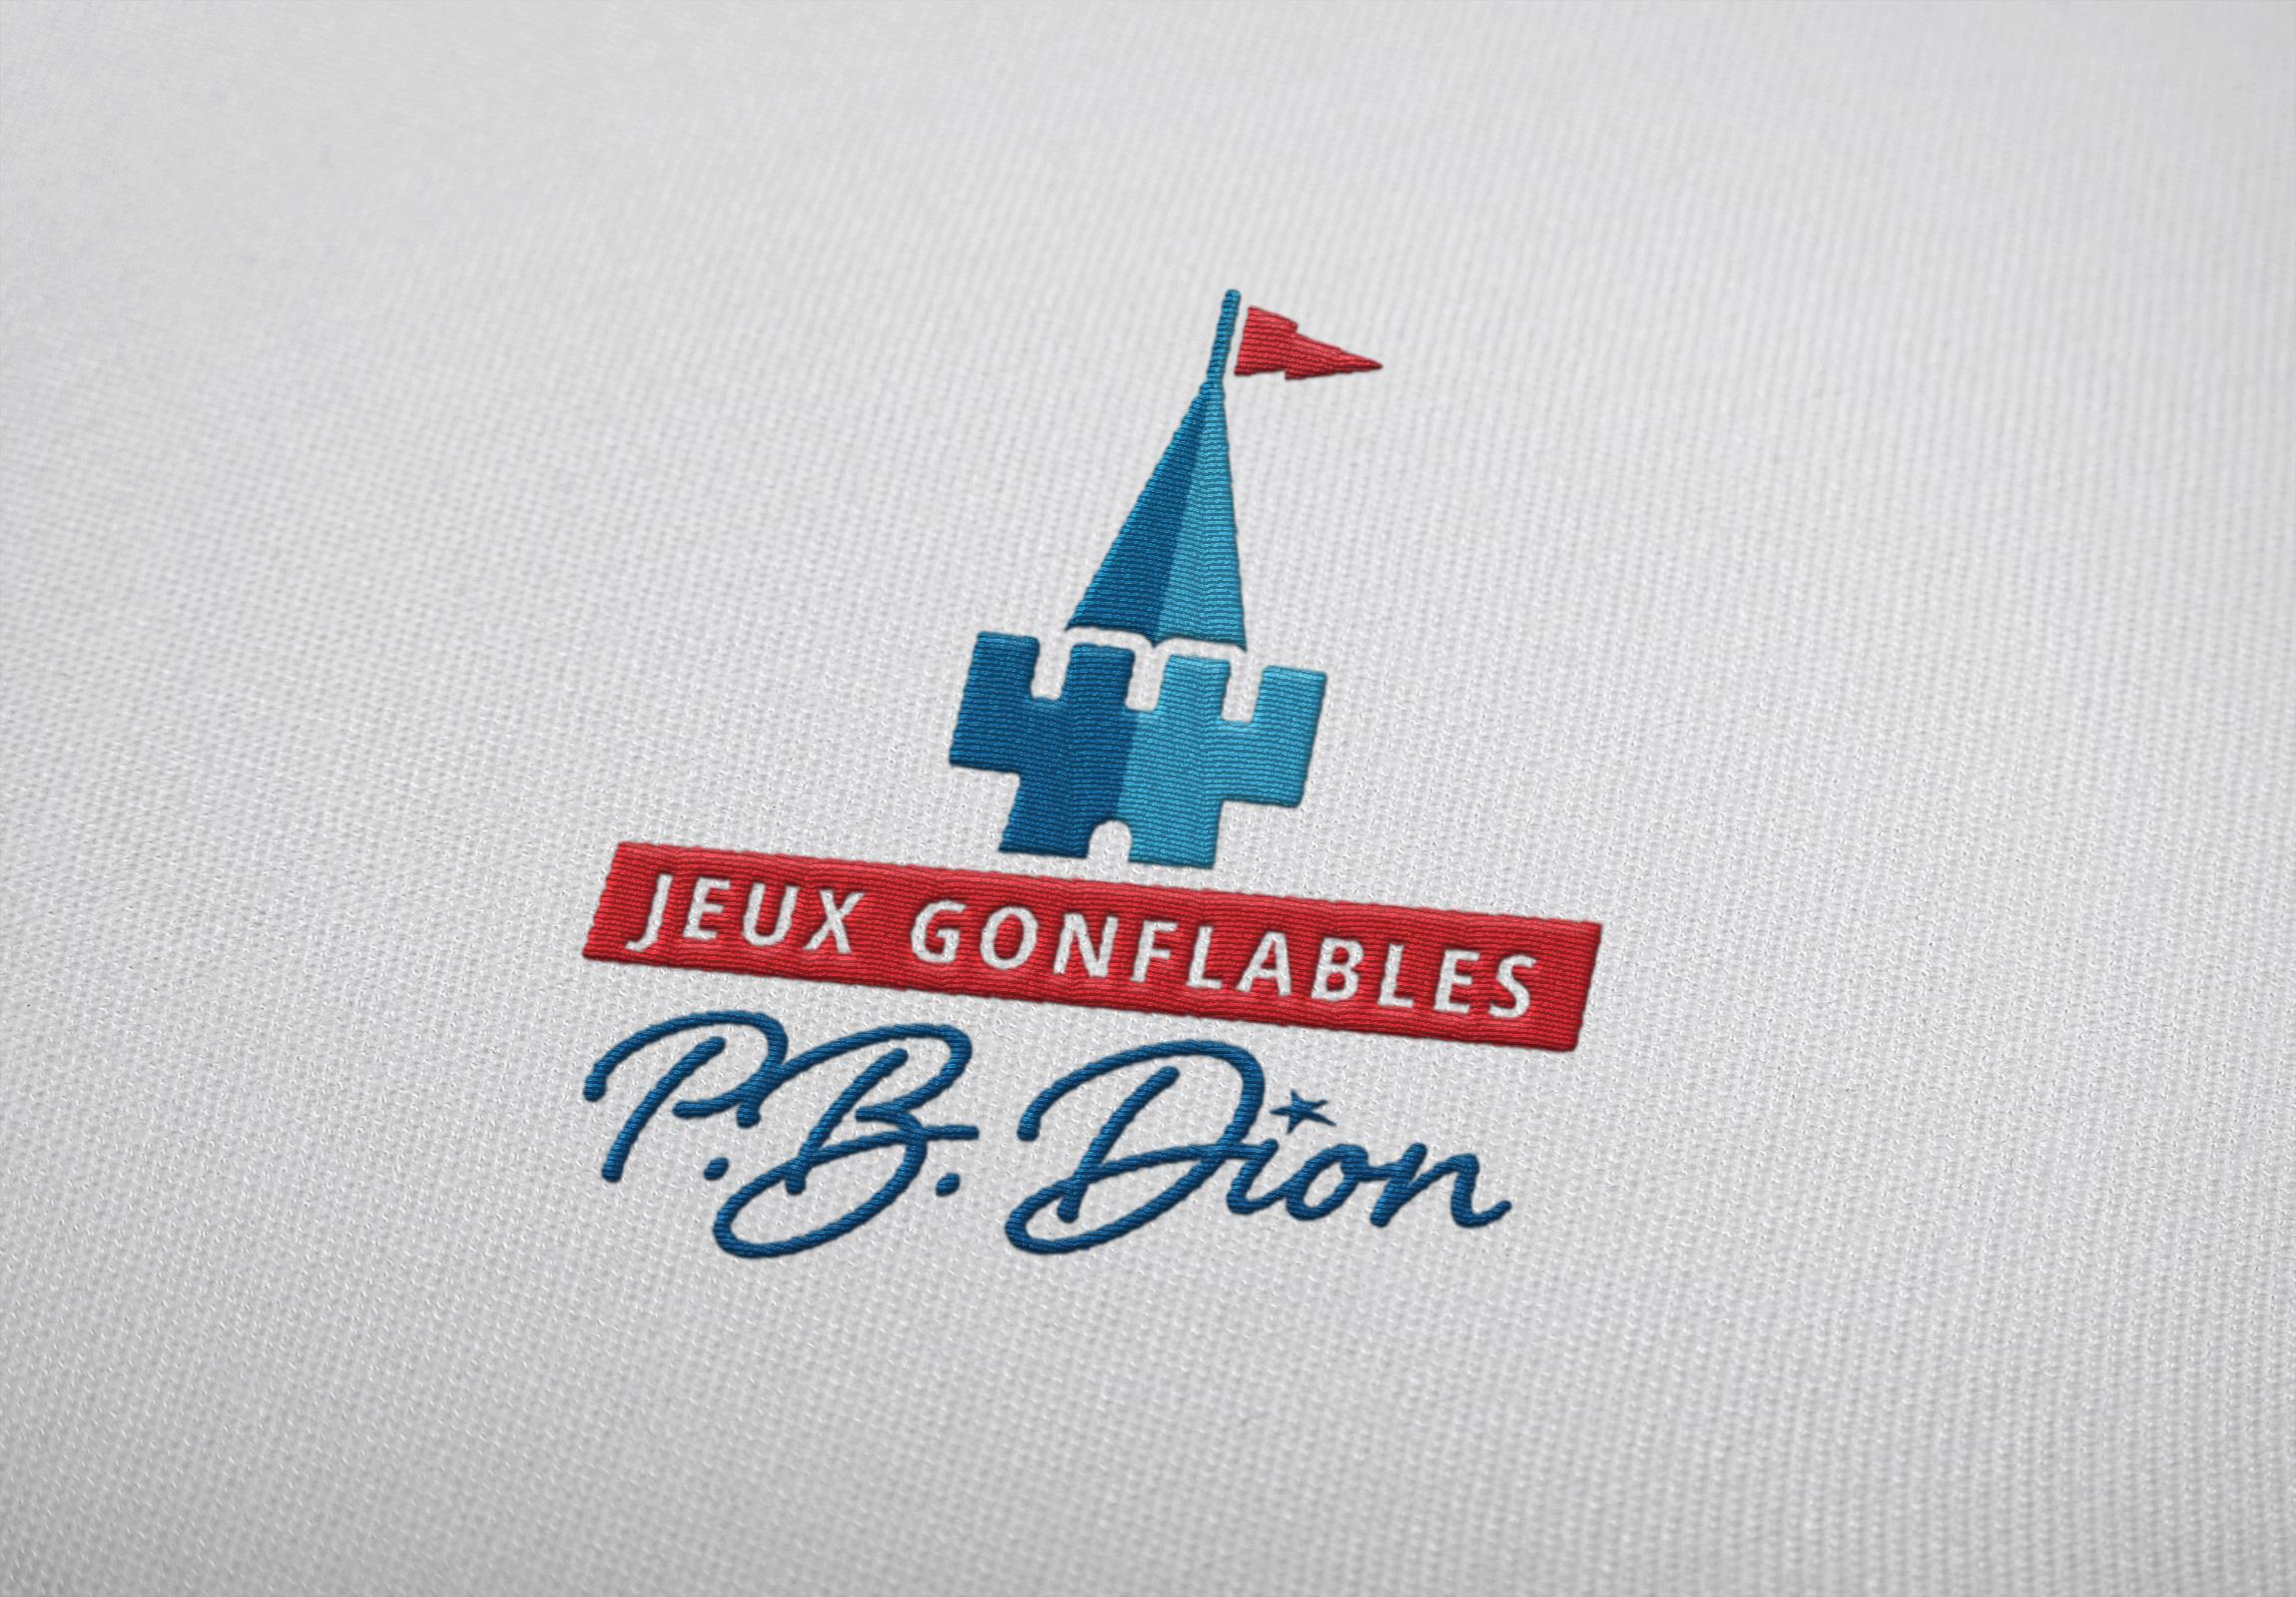 Logo de l'entreprise Jeux Gonflables PB Dion